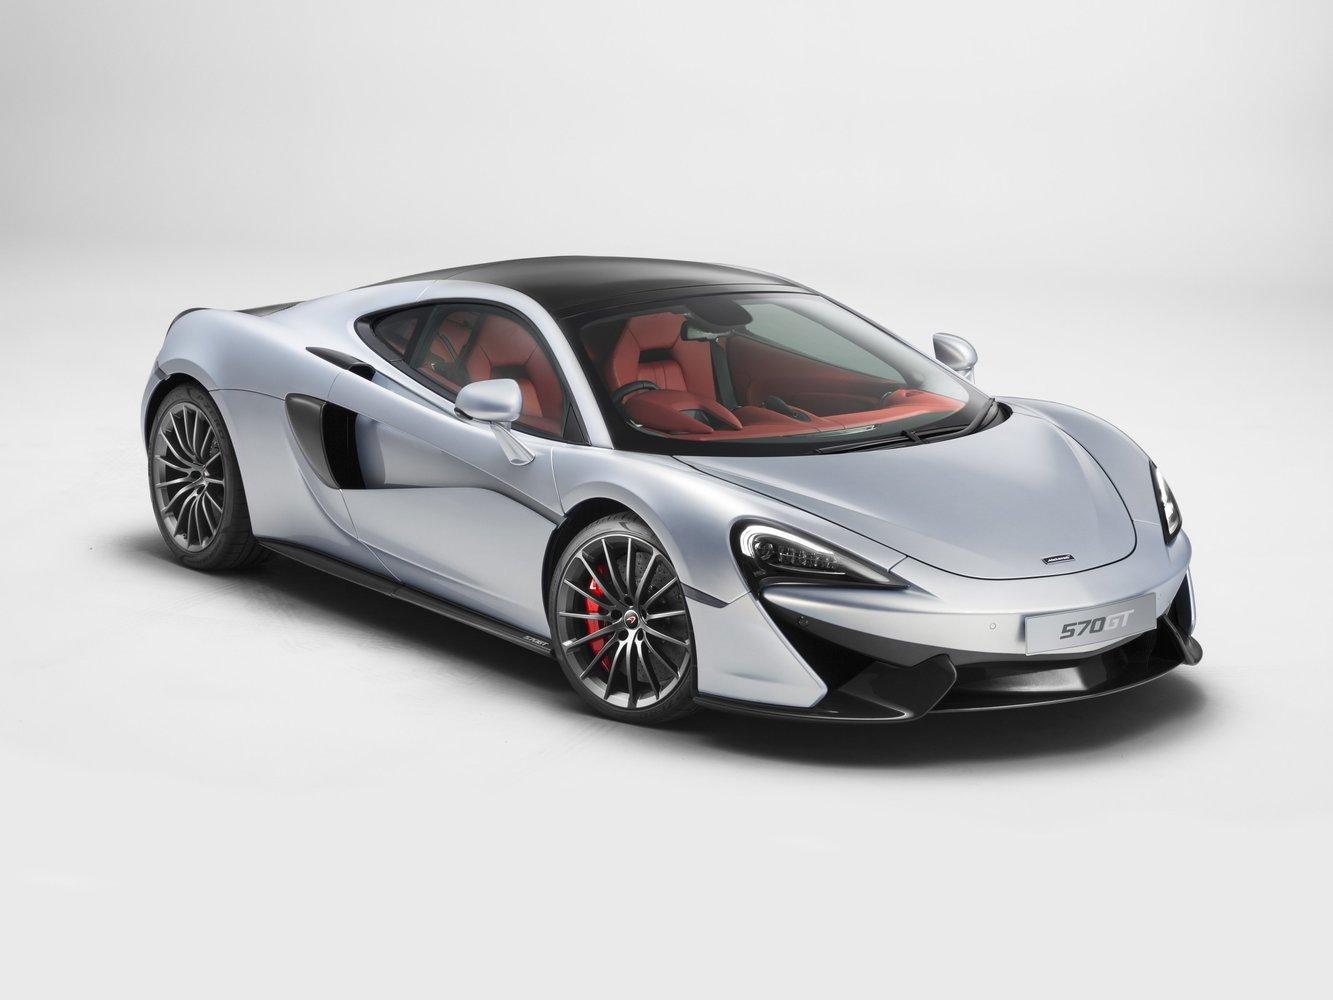 mclaren McLaren 570GT